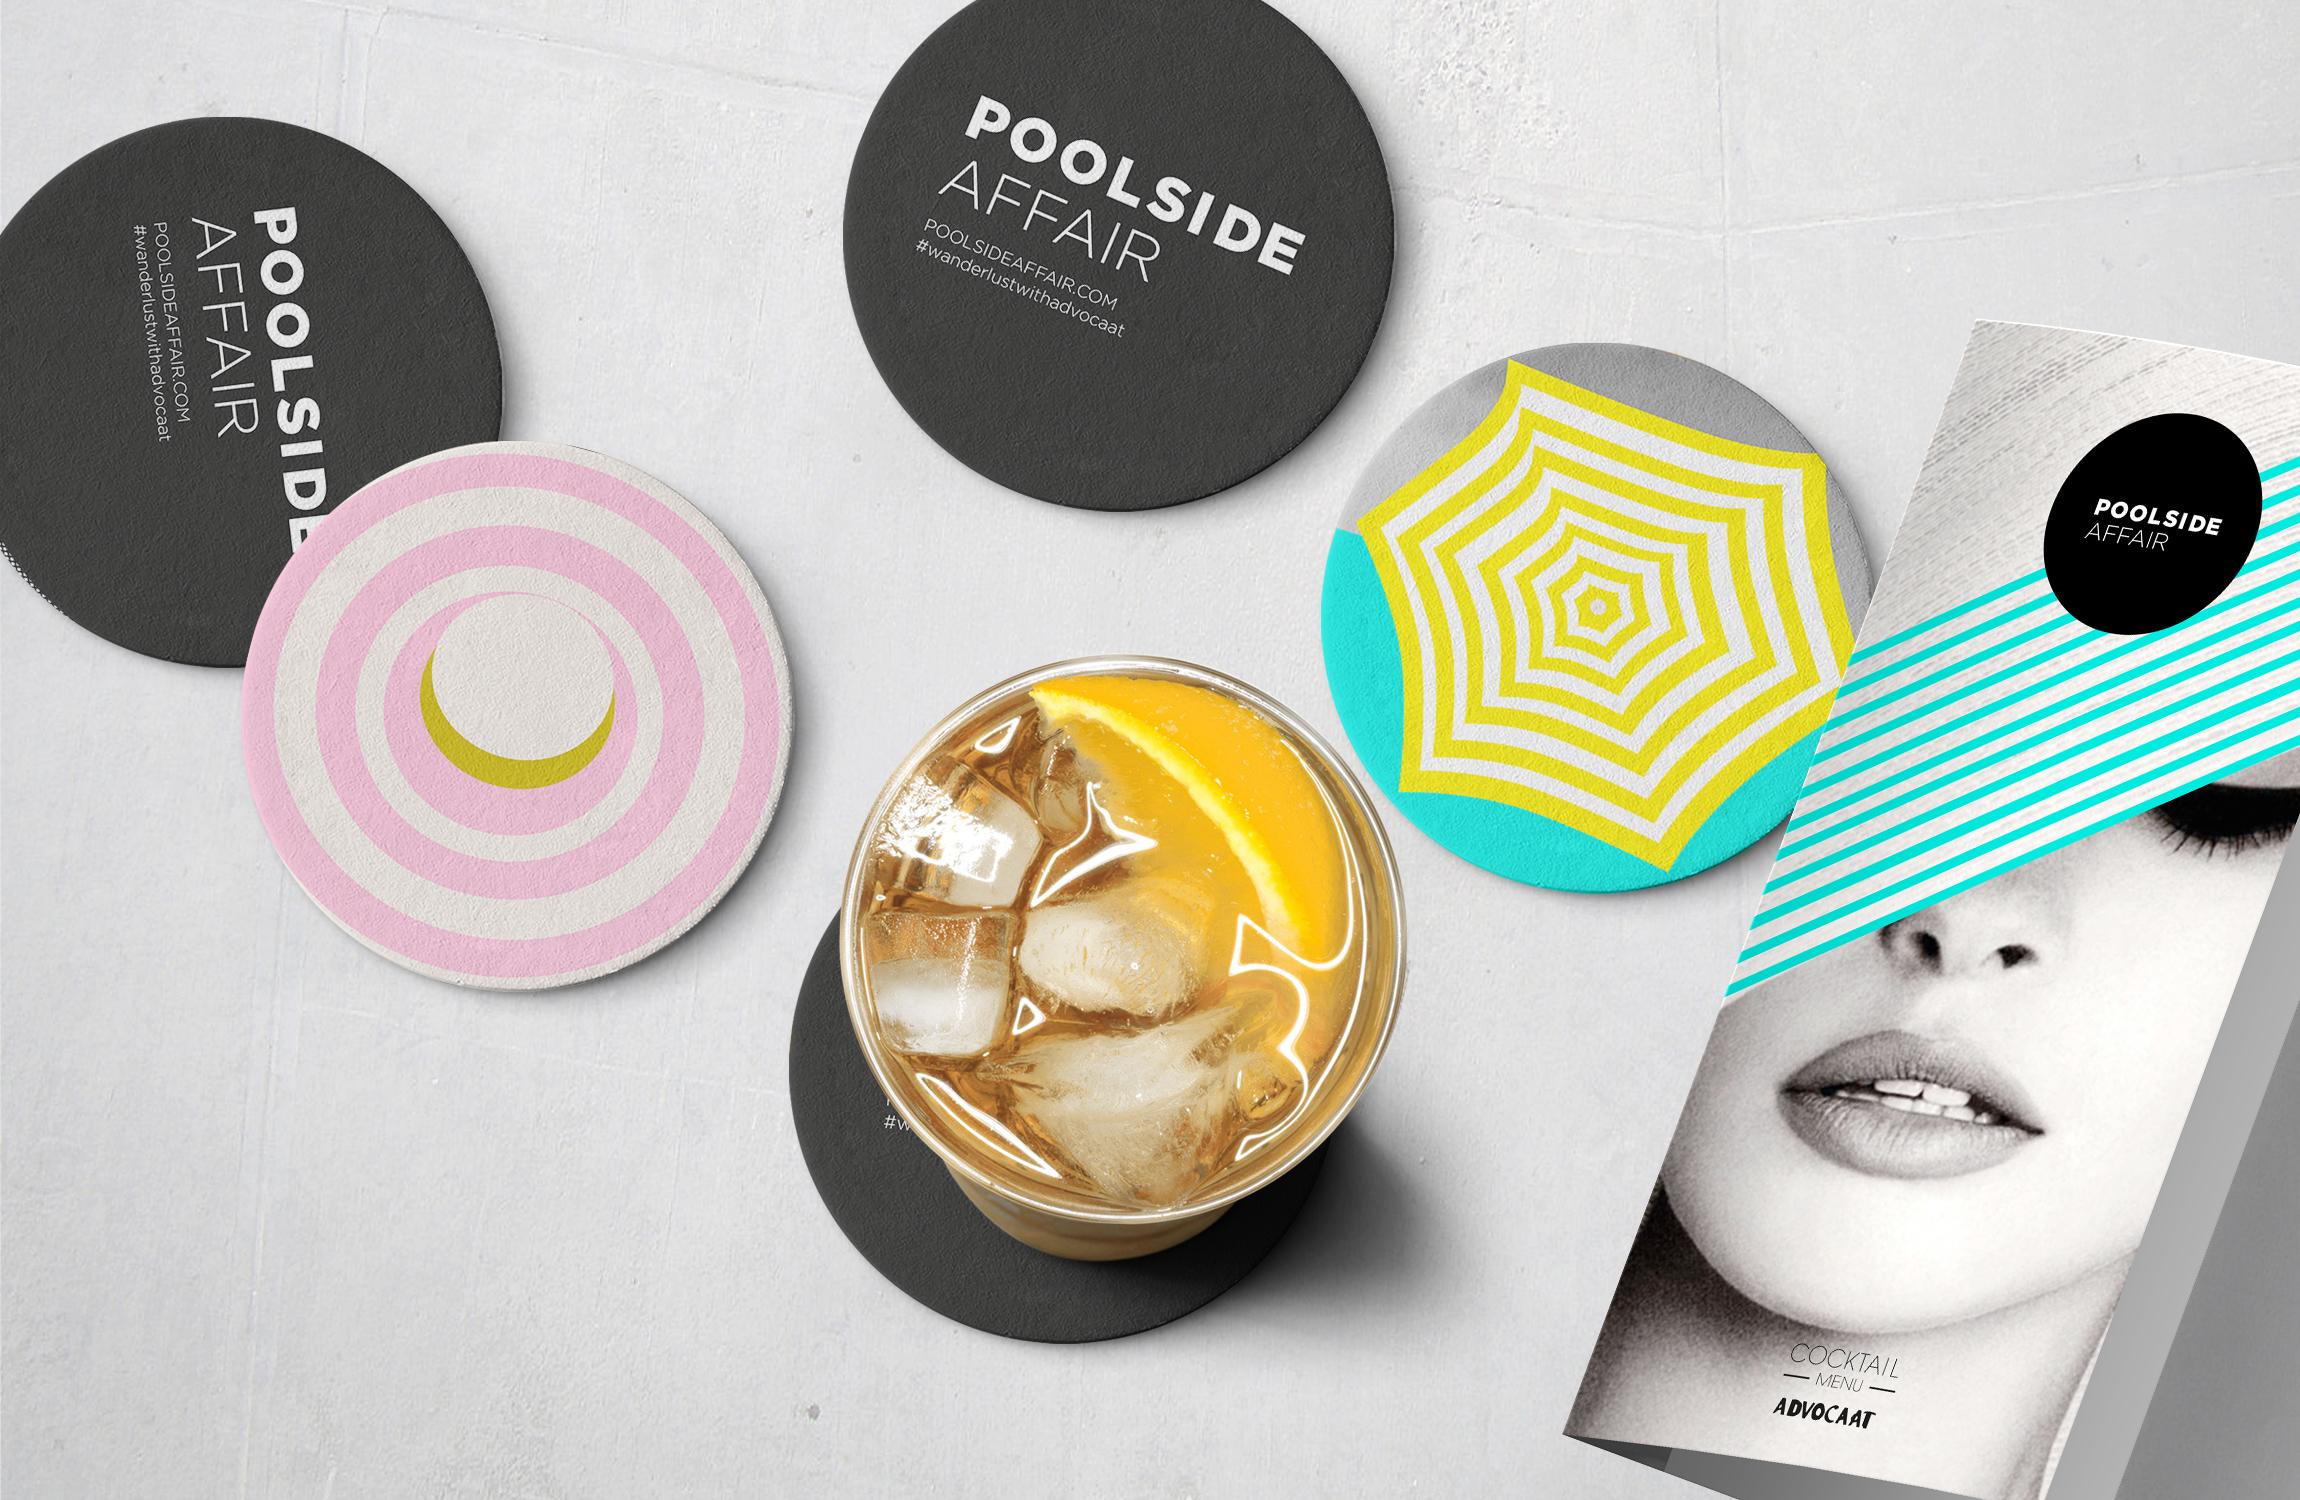 Poolside Coaster & menu flat.jpg